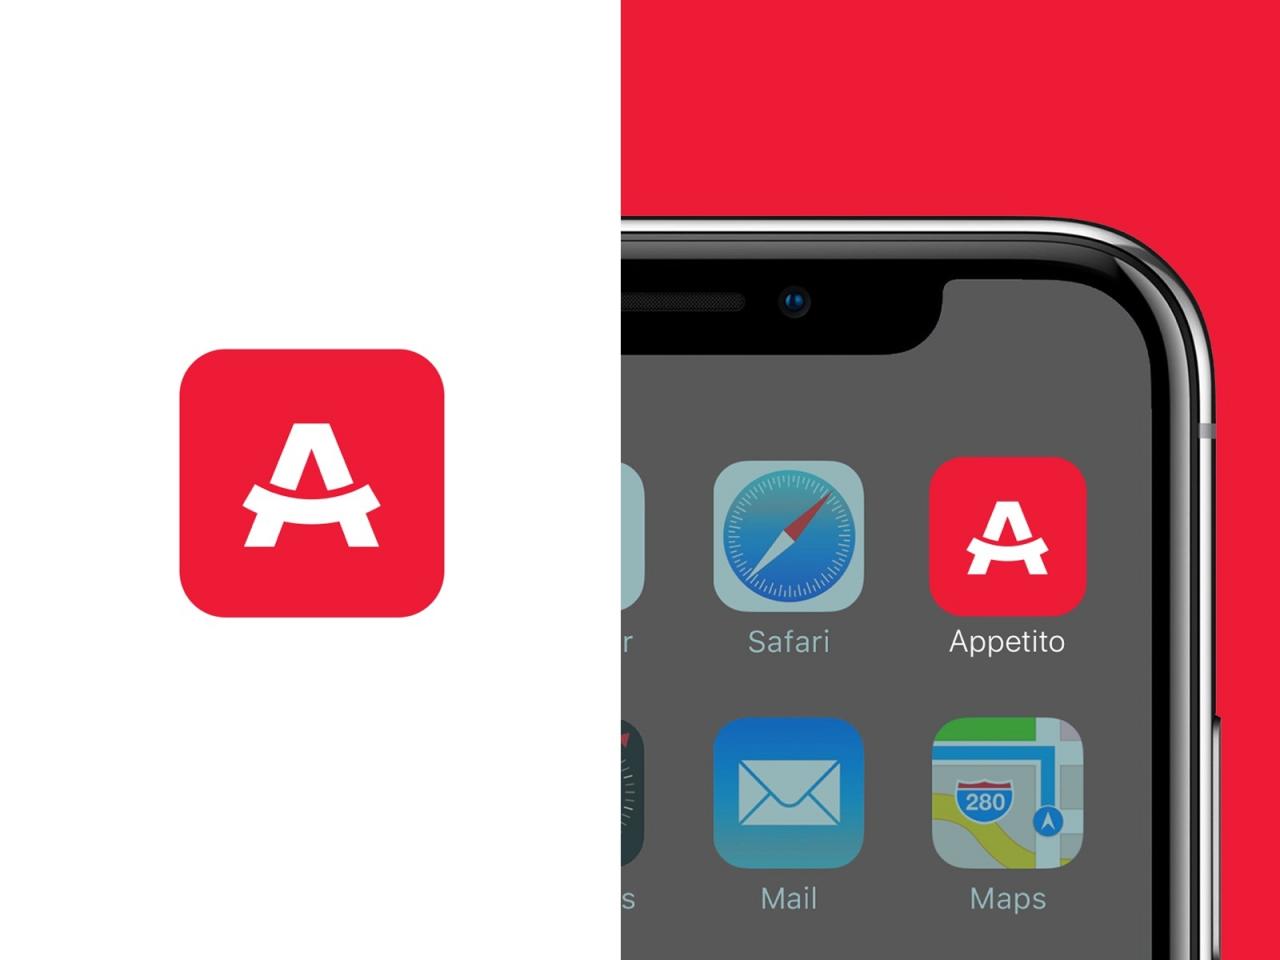 图标icon在app上的应用